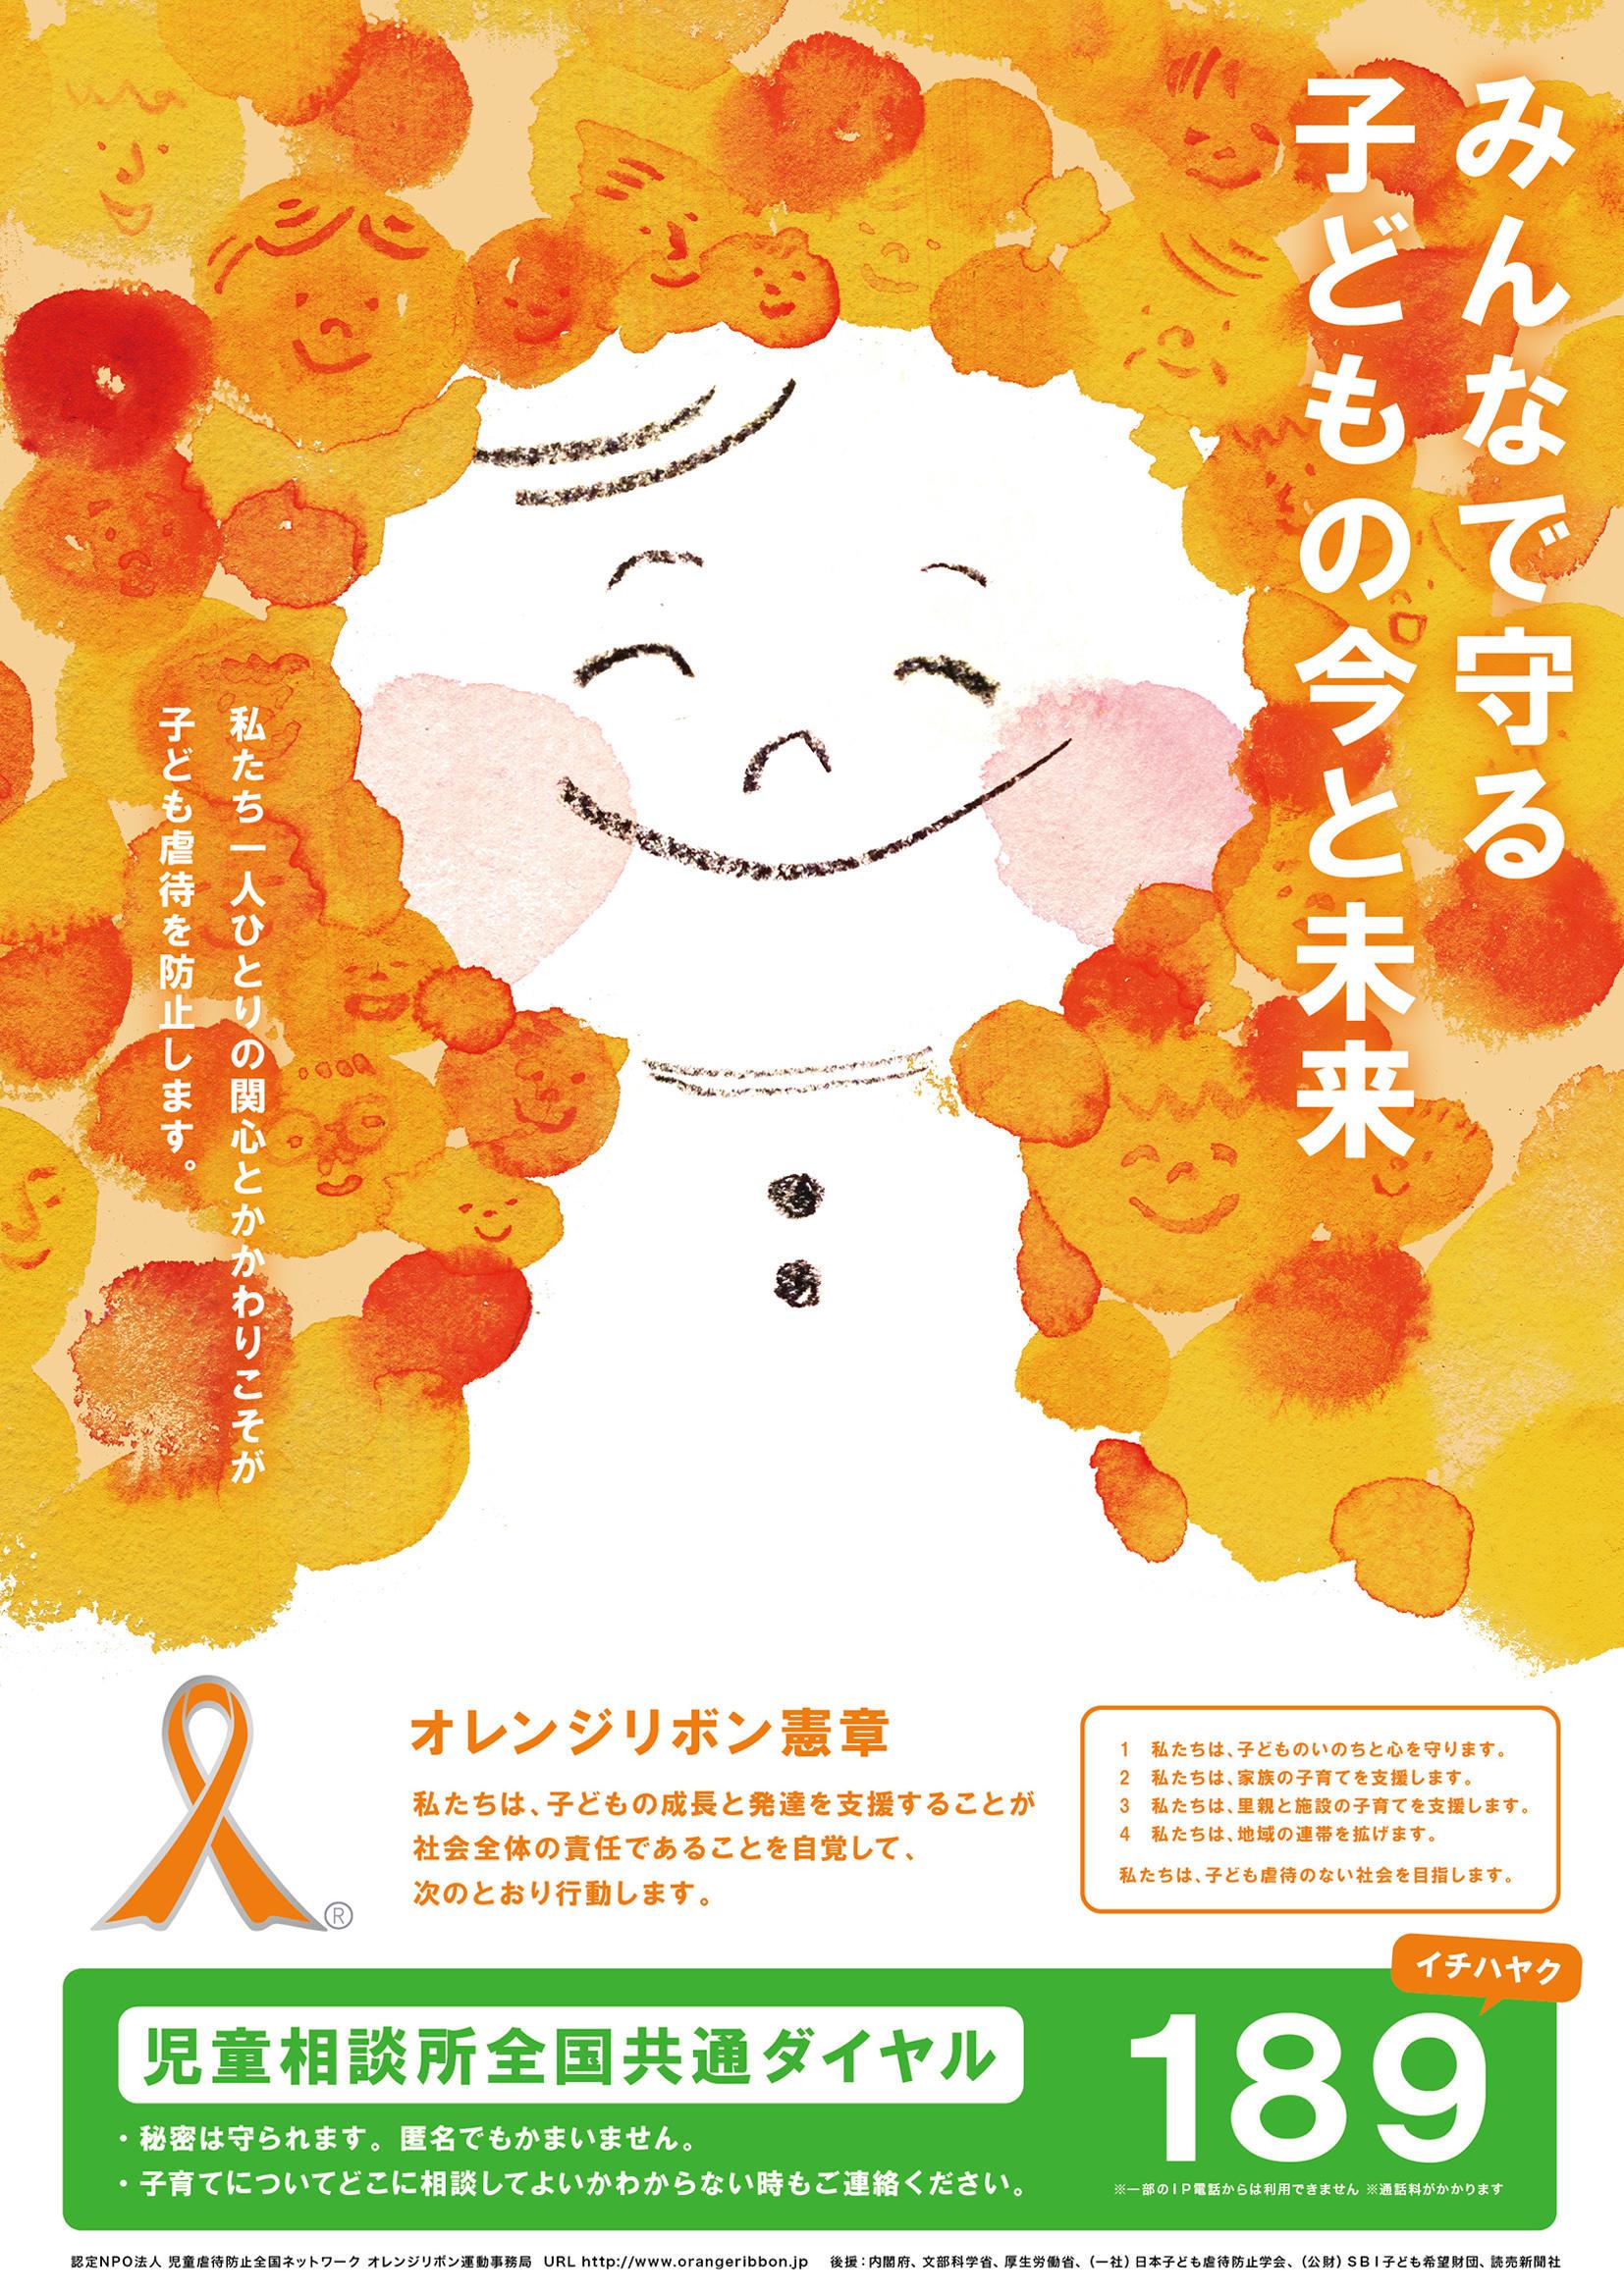 http://www.orangeribbon.jp/info/npo/69a5ed8131e0d3ae66bc7967ef2d4dc09dea68f2.jpg